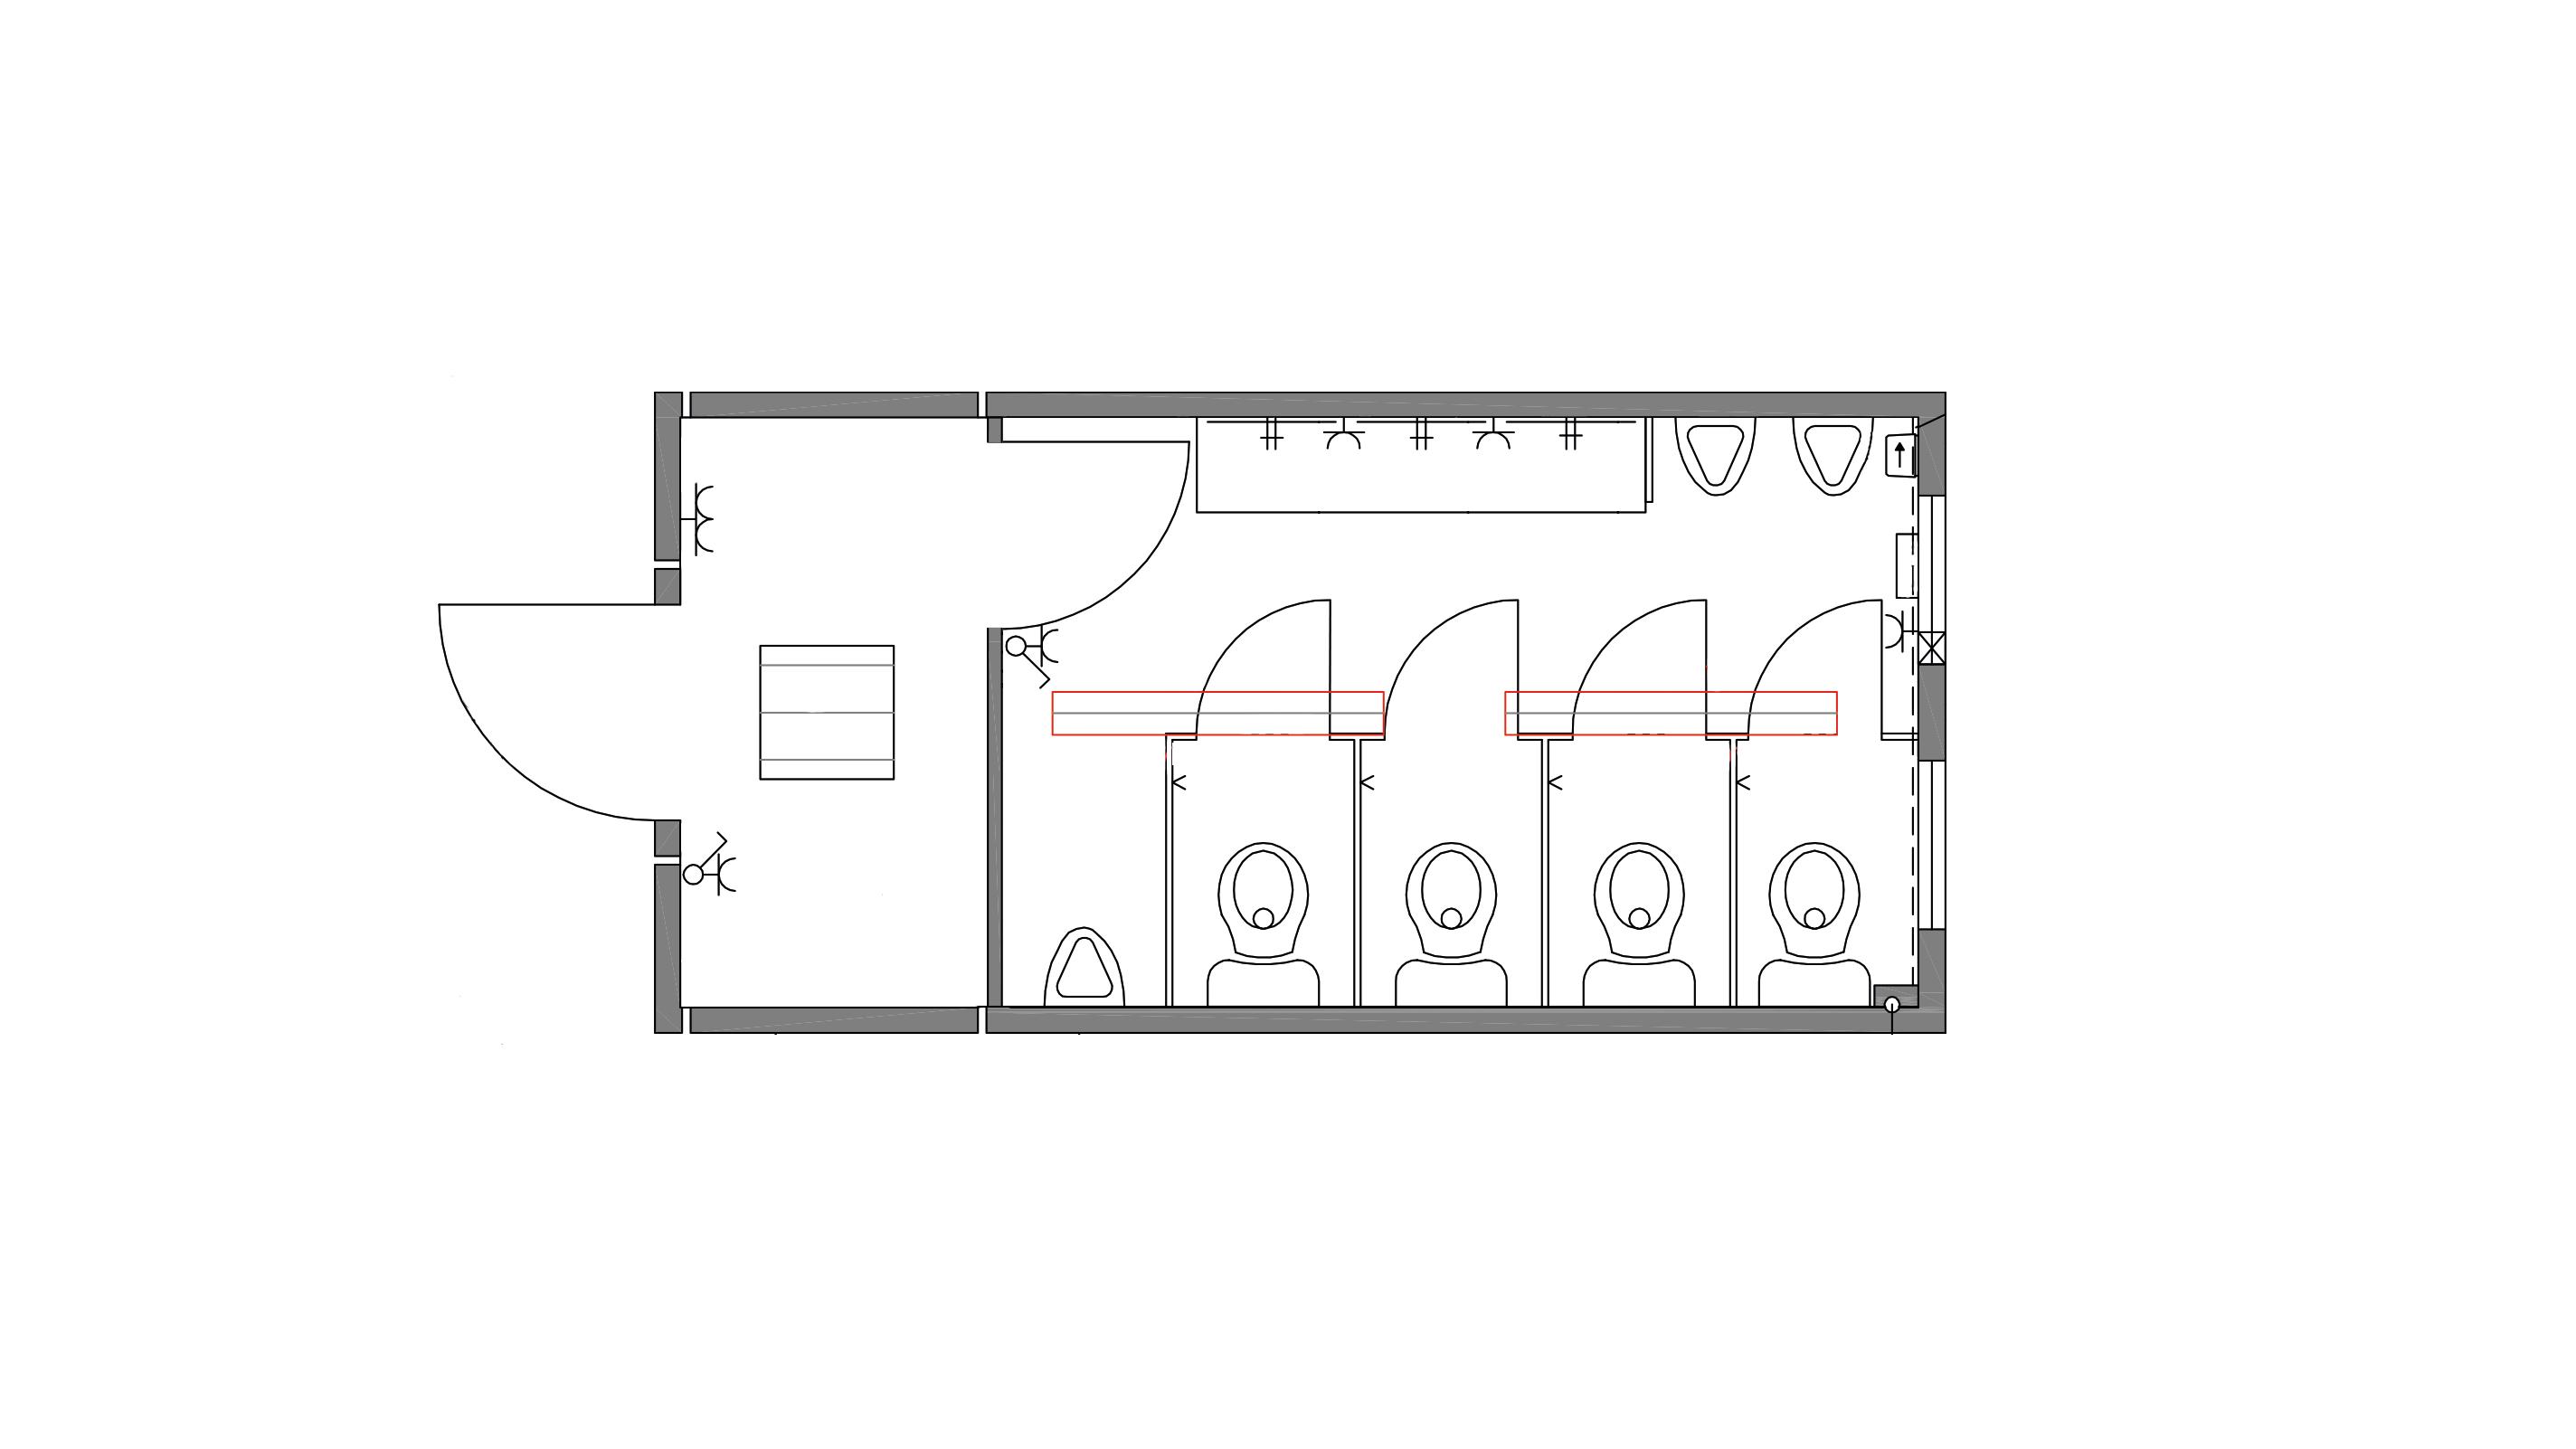 30231-toiletunit-toiletten-urinoirs